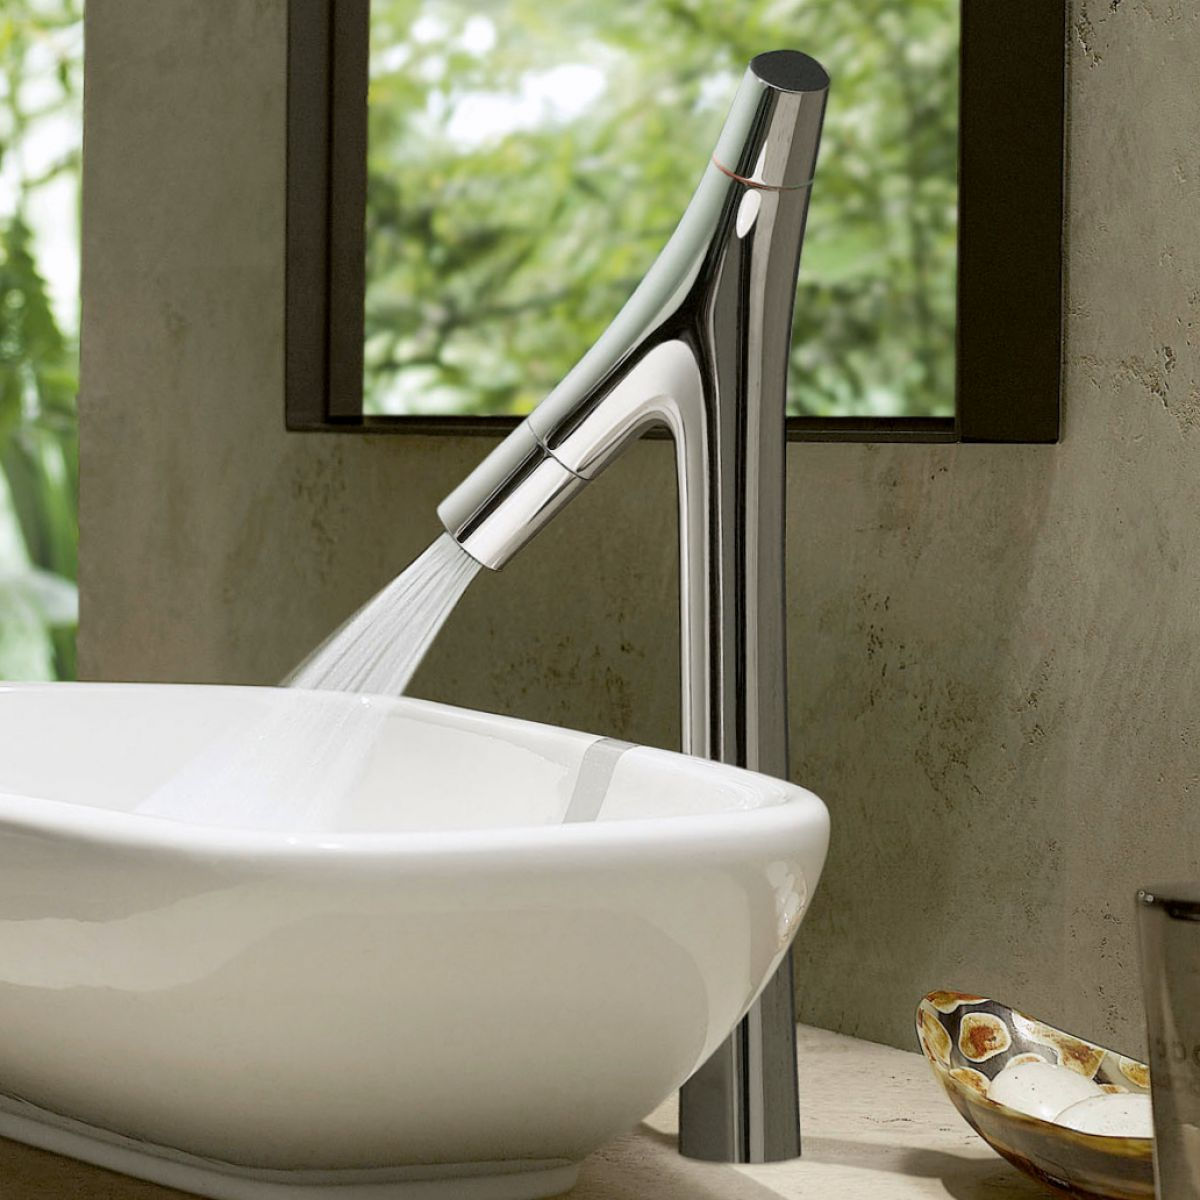 AXOR Starck Organic 170 Basin Mixer Tap : UK Bathrooms